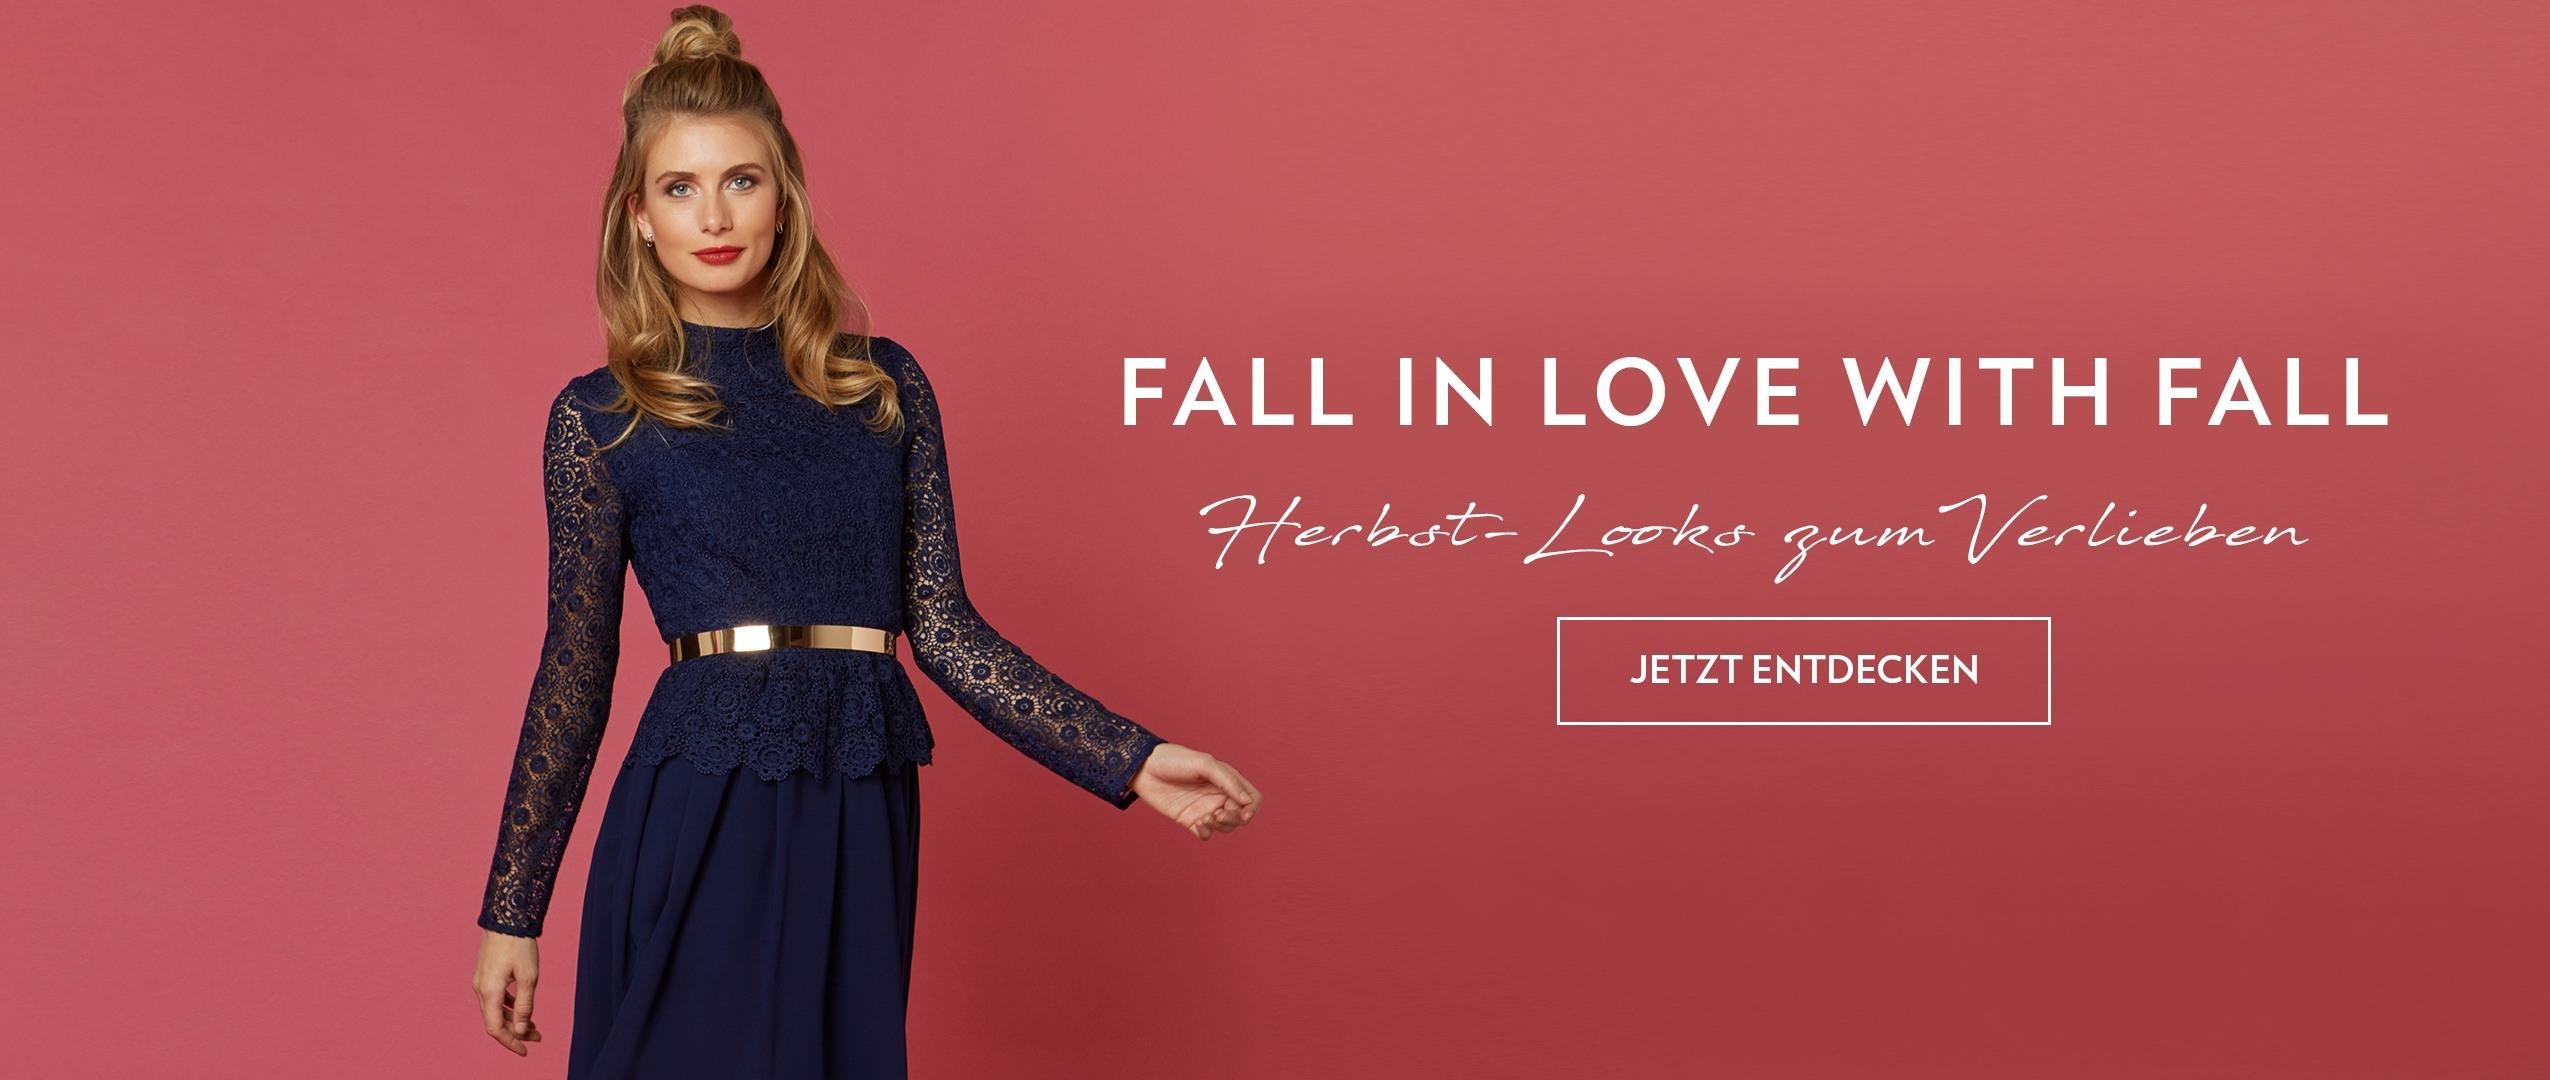 17 Fantastisch Sehr Elegante Abendkleider Boutique20 Ausgezeichnet Sehr Elegante Abendkleider Ärmel